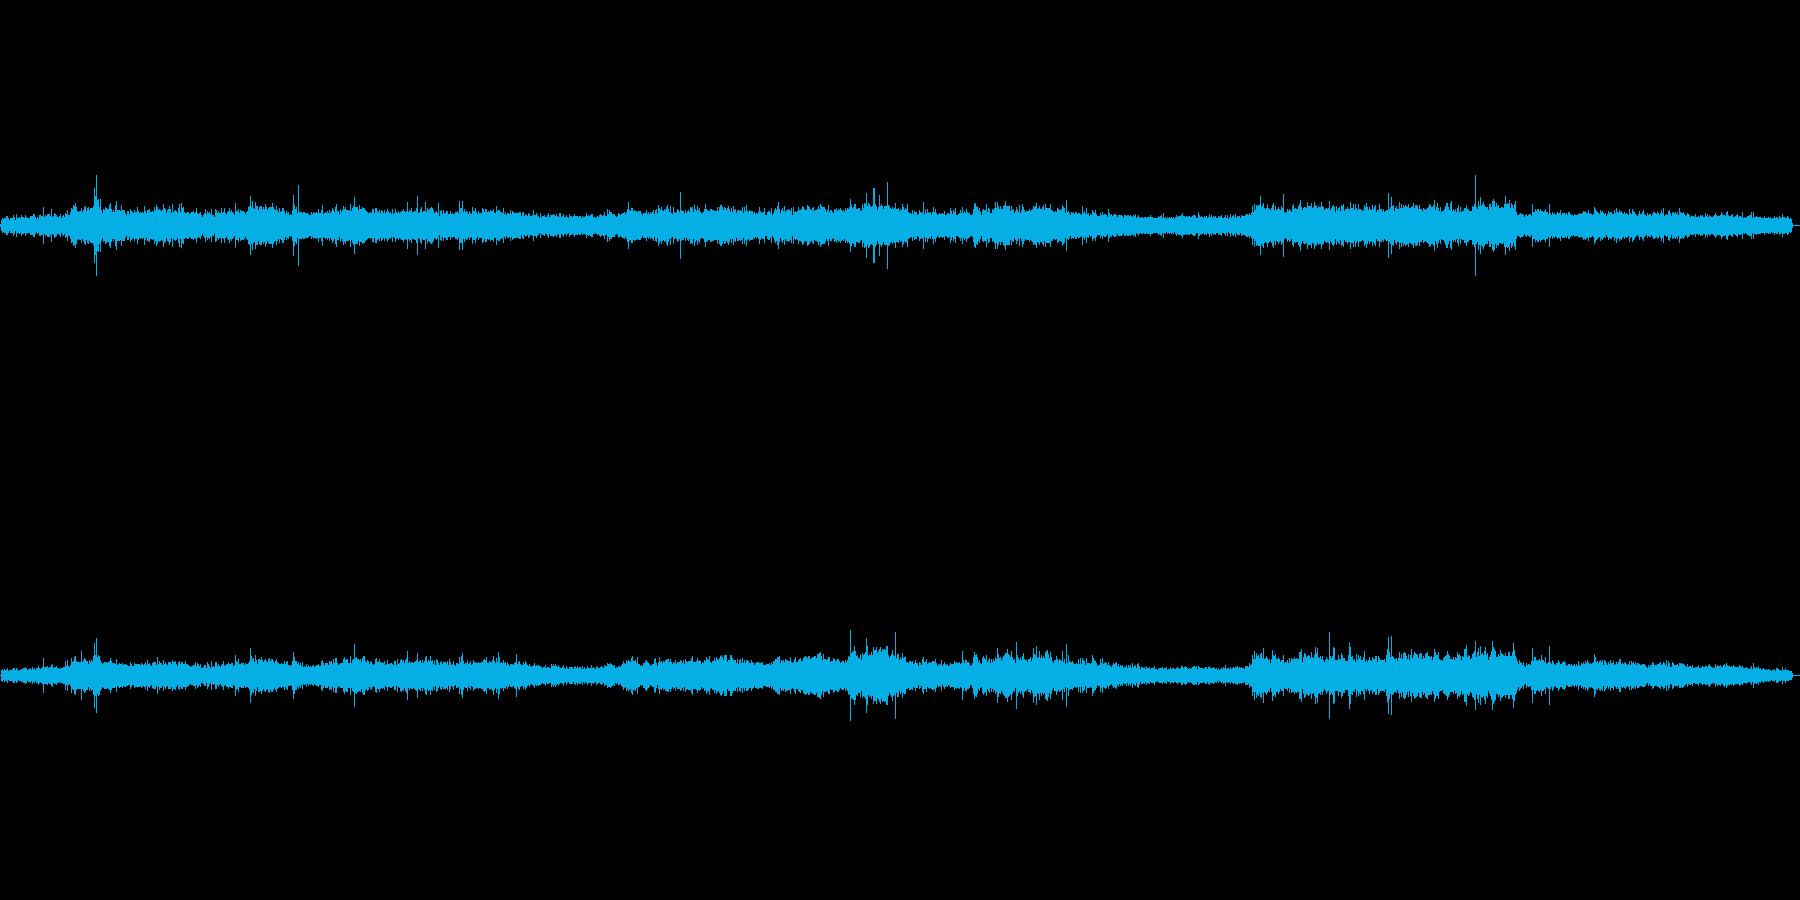 サワサワ(風と草原の音)の再生済みの波形